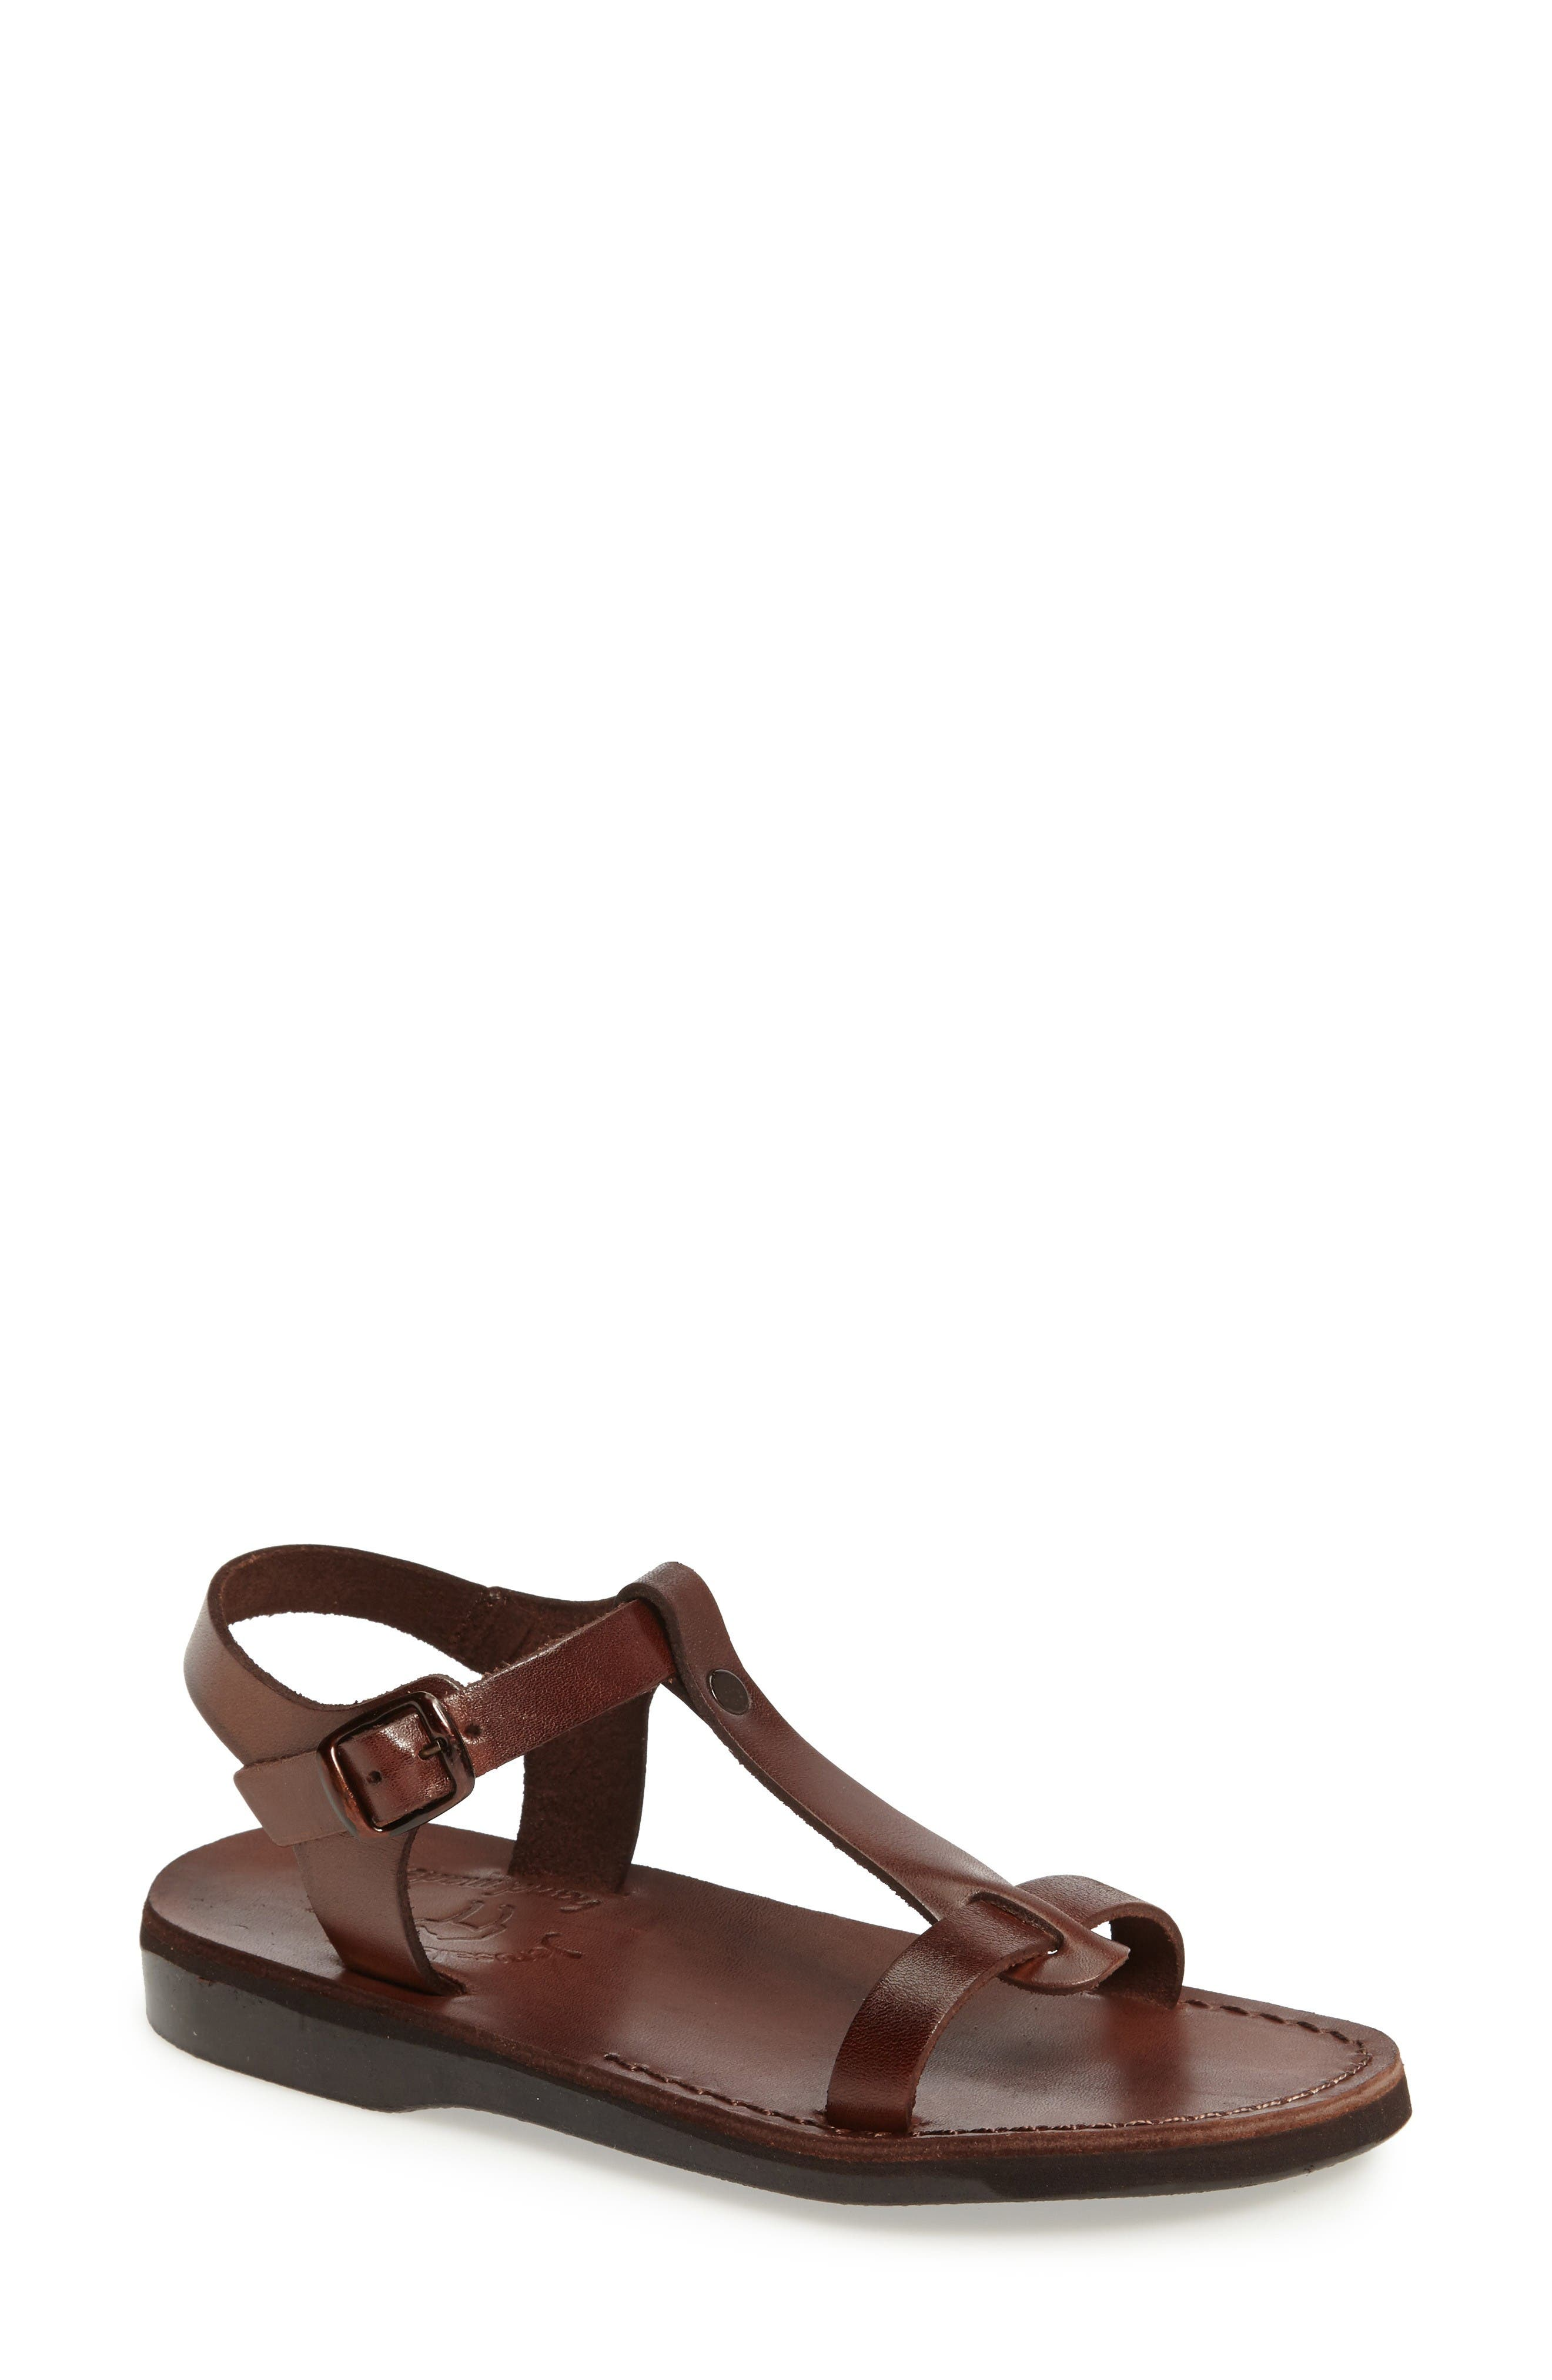 Alternate Image 1 Selected - Jerusalem Sandals Bathsheba T-Strap Sandal (Women)